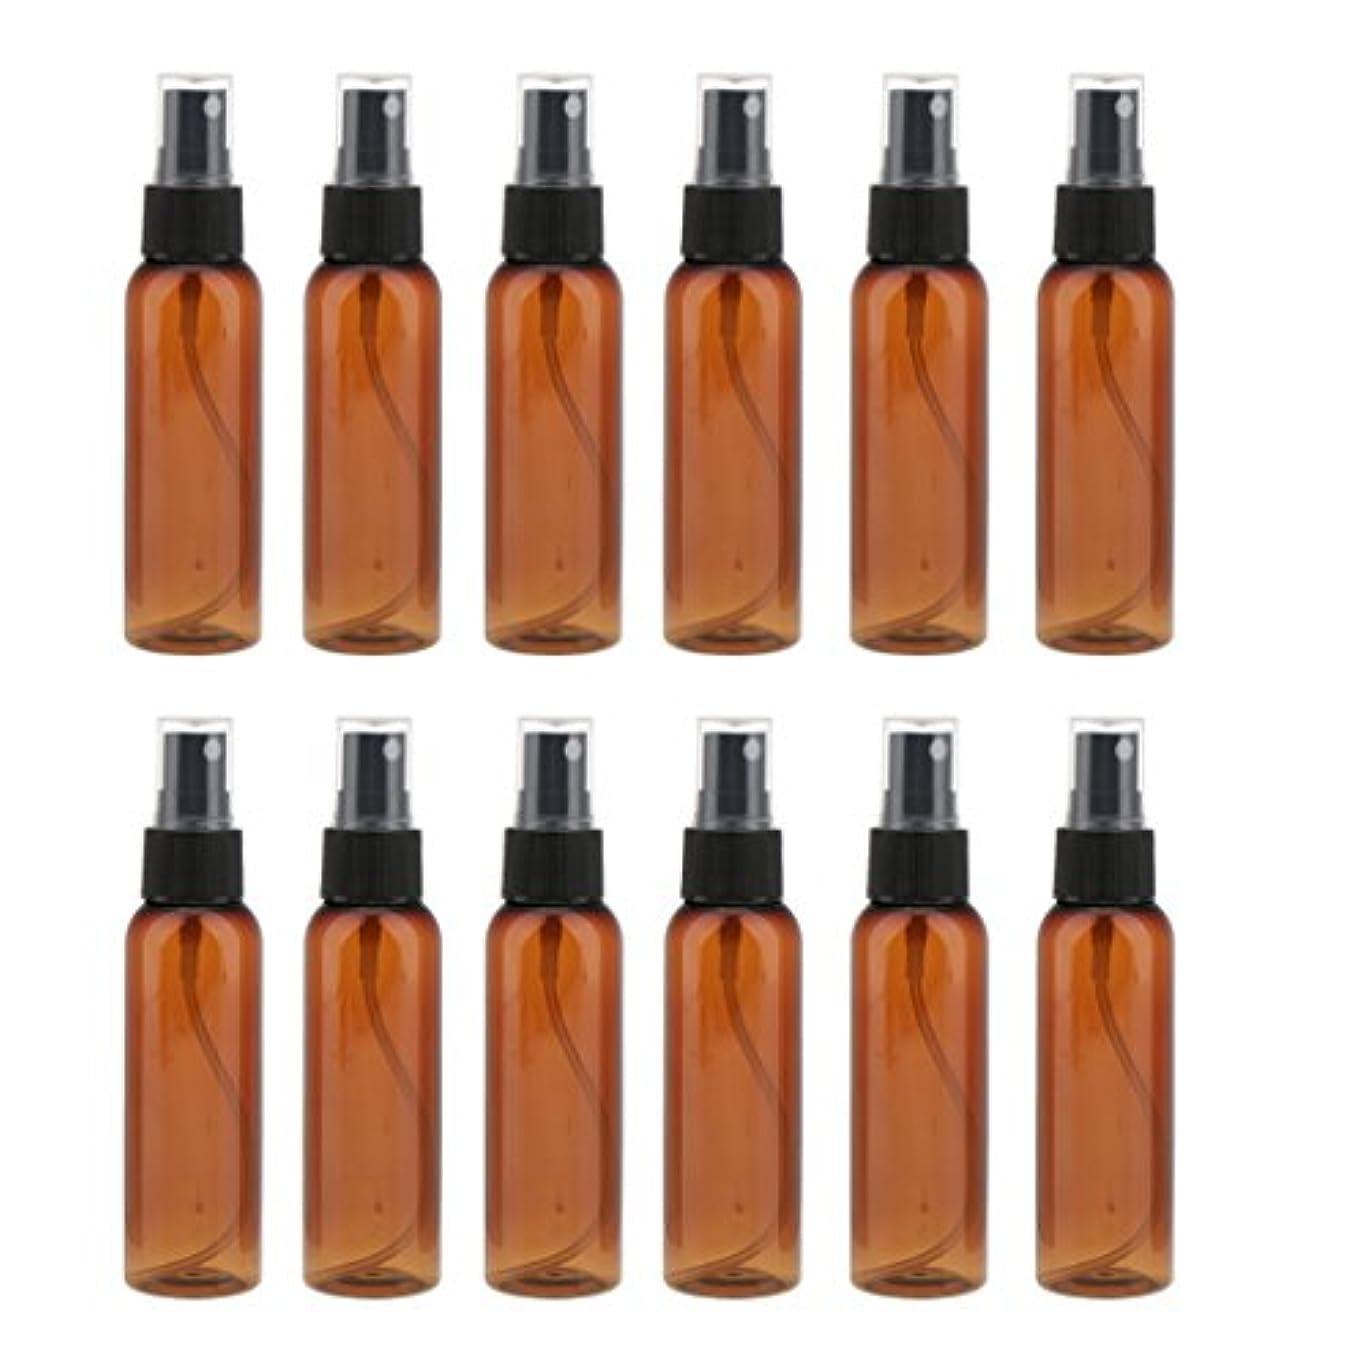 目指す状南アメリカ12本の茶色のcomestic空のスプレーボトルの香水クリームアトマイザー60ml - ブラック